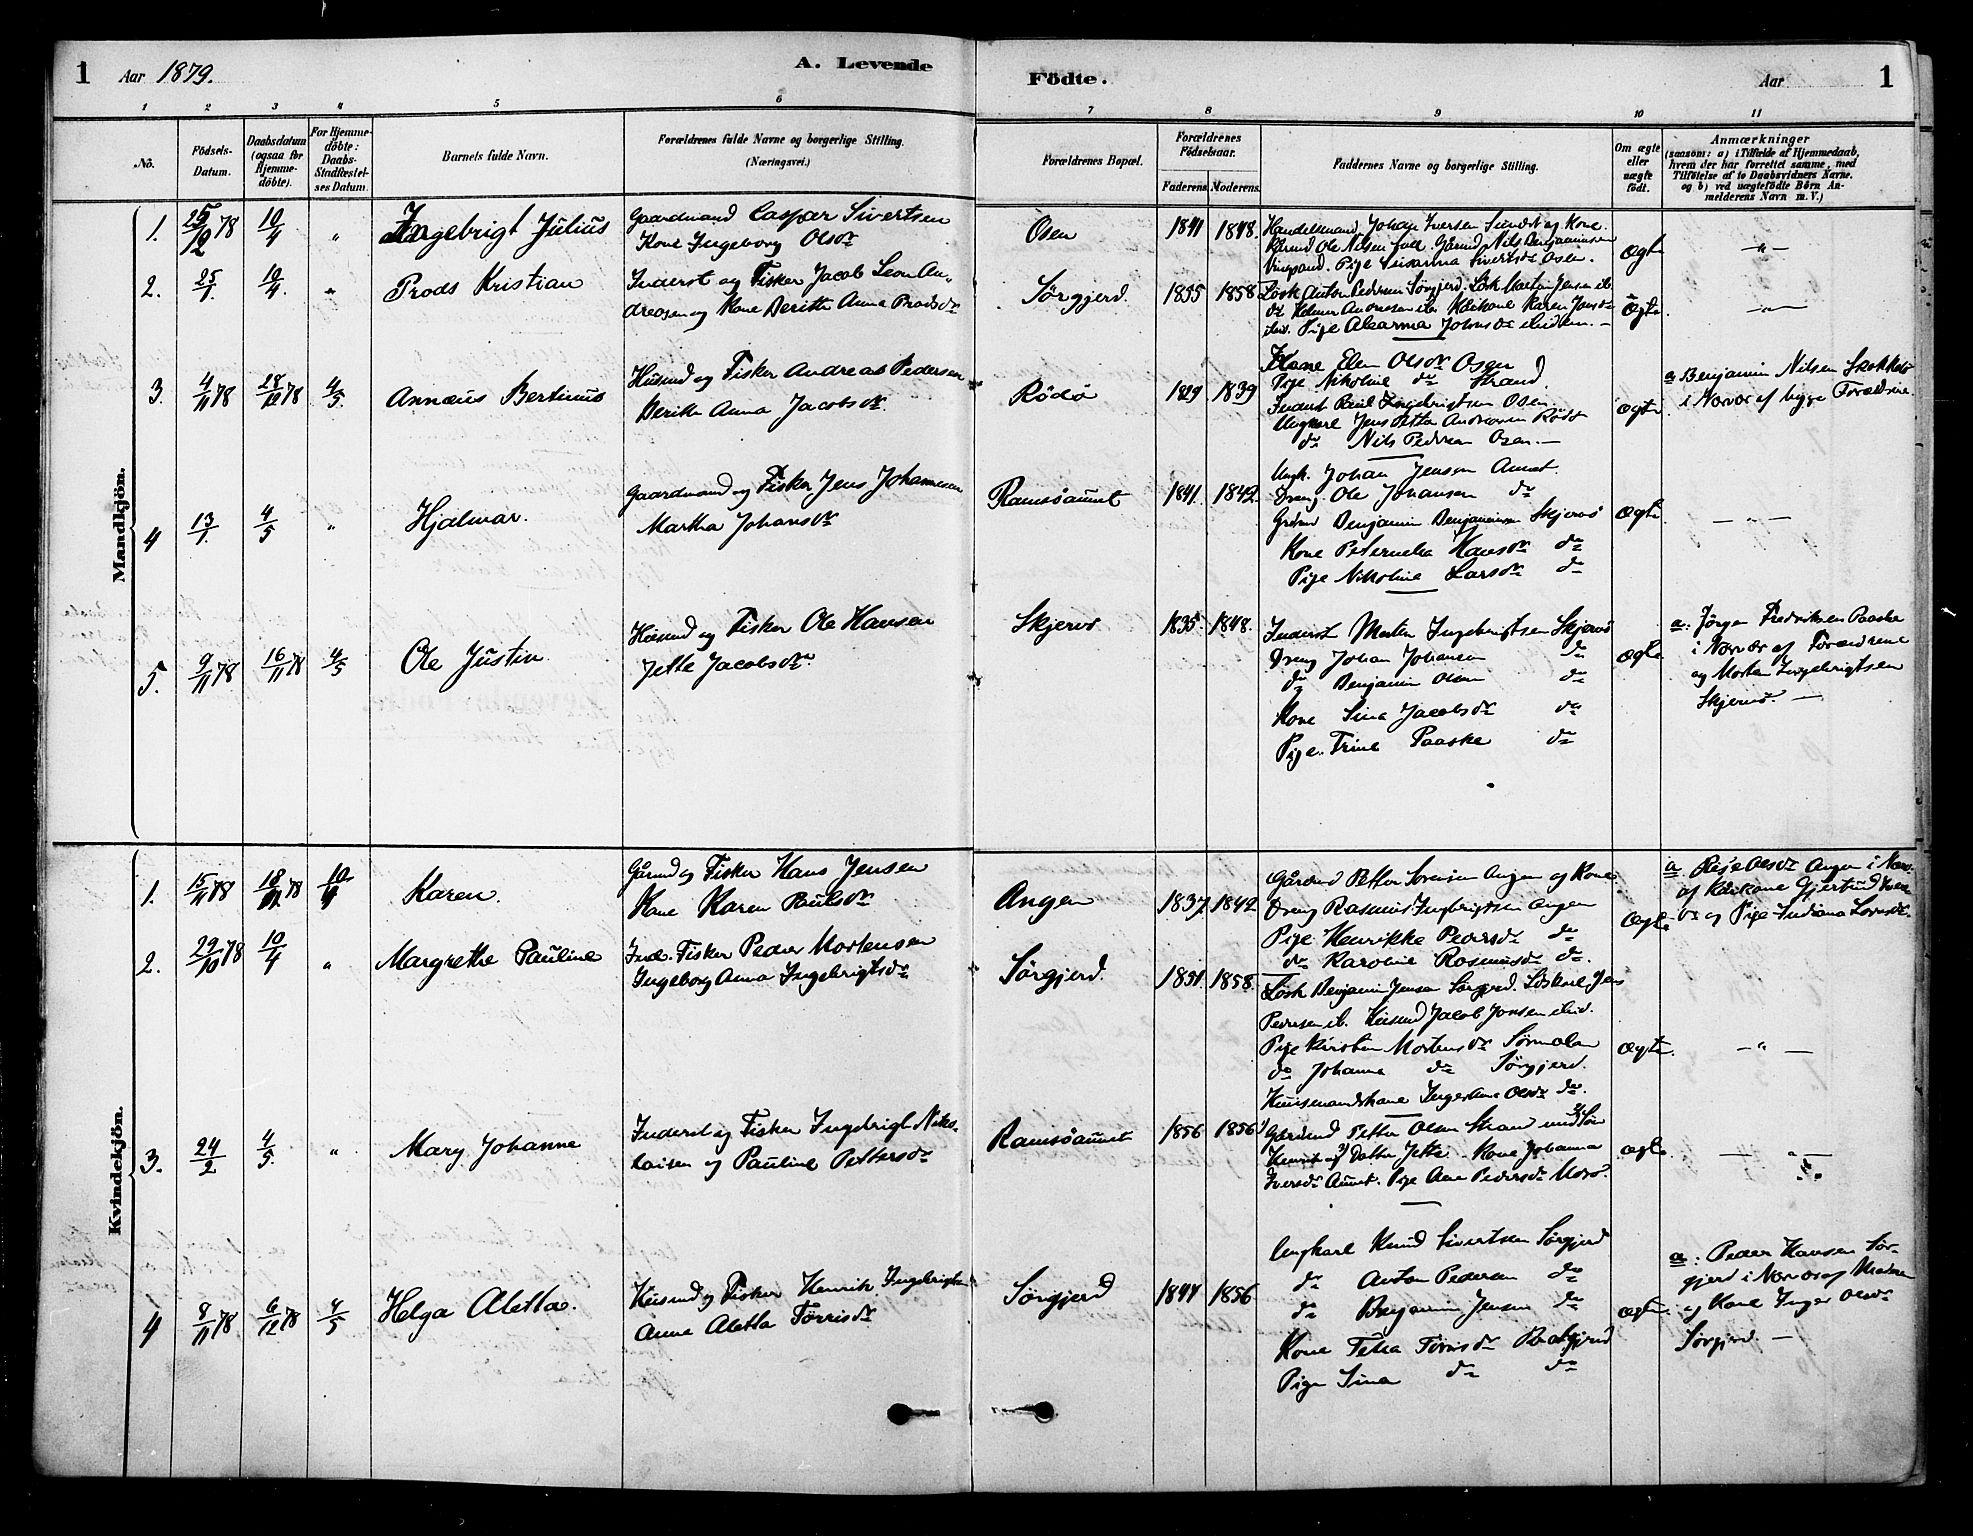 SAT, Ministerialprotokoller, klokkerbøker og fødselsregistre - Sør-Trøndelag, 658/L0722: Ministerialbok nr. 658A01, 1879-1896, s. 1